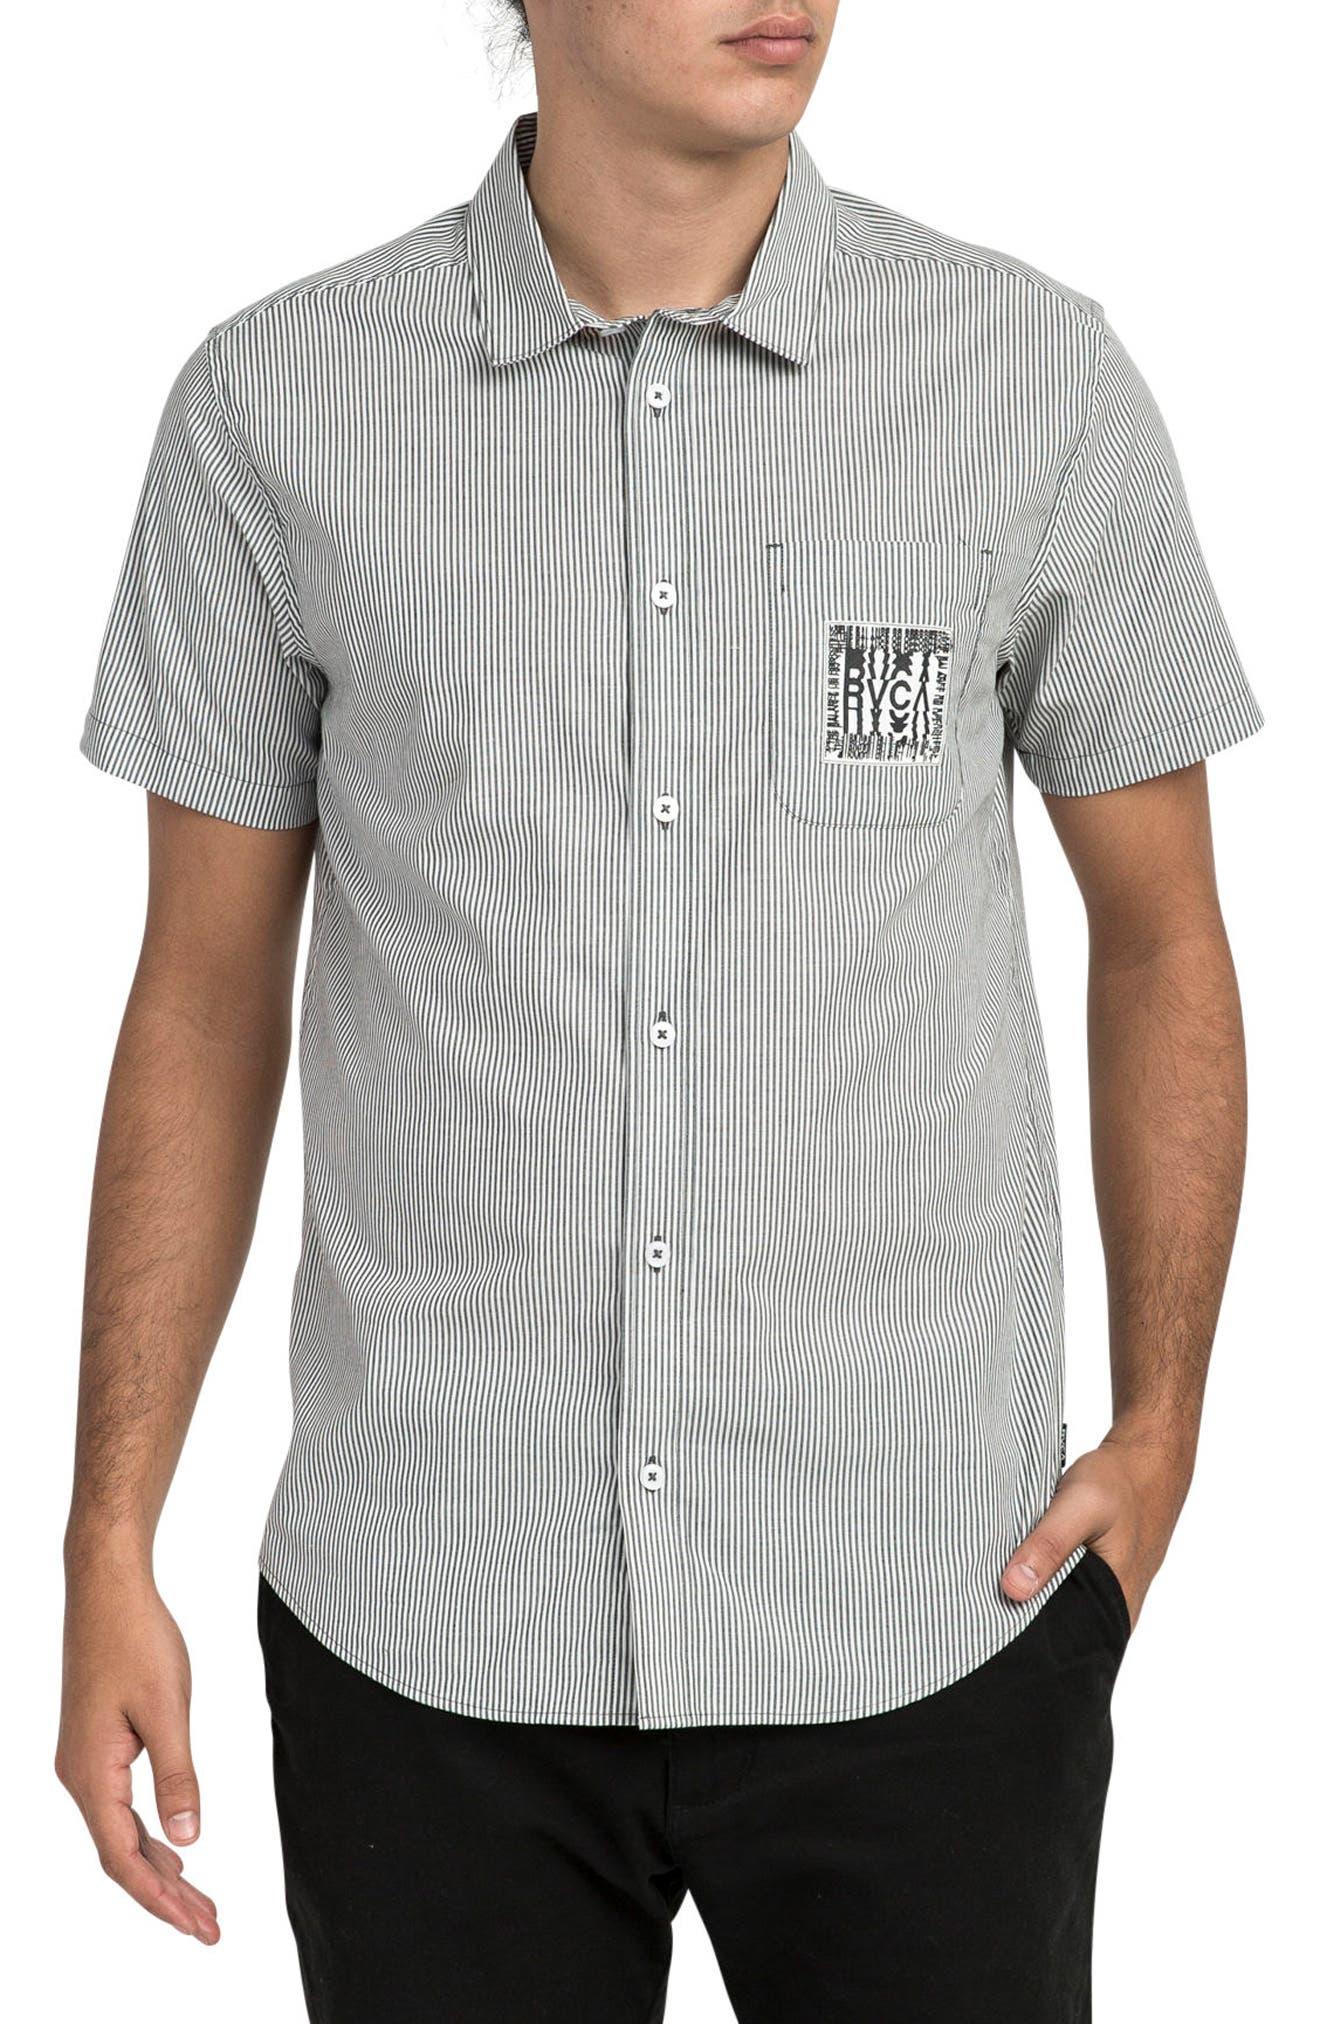 resort Disruption Woven Shirt,                             Main thumbnail 1, color,                             001